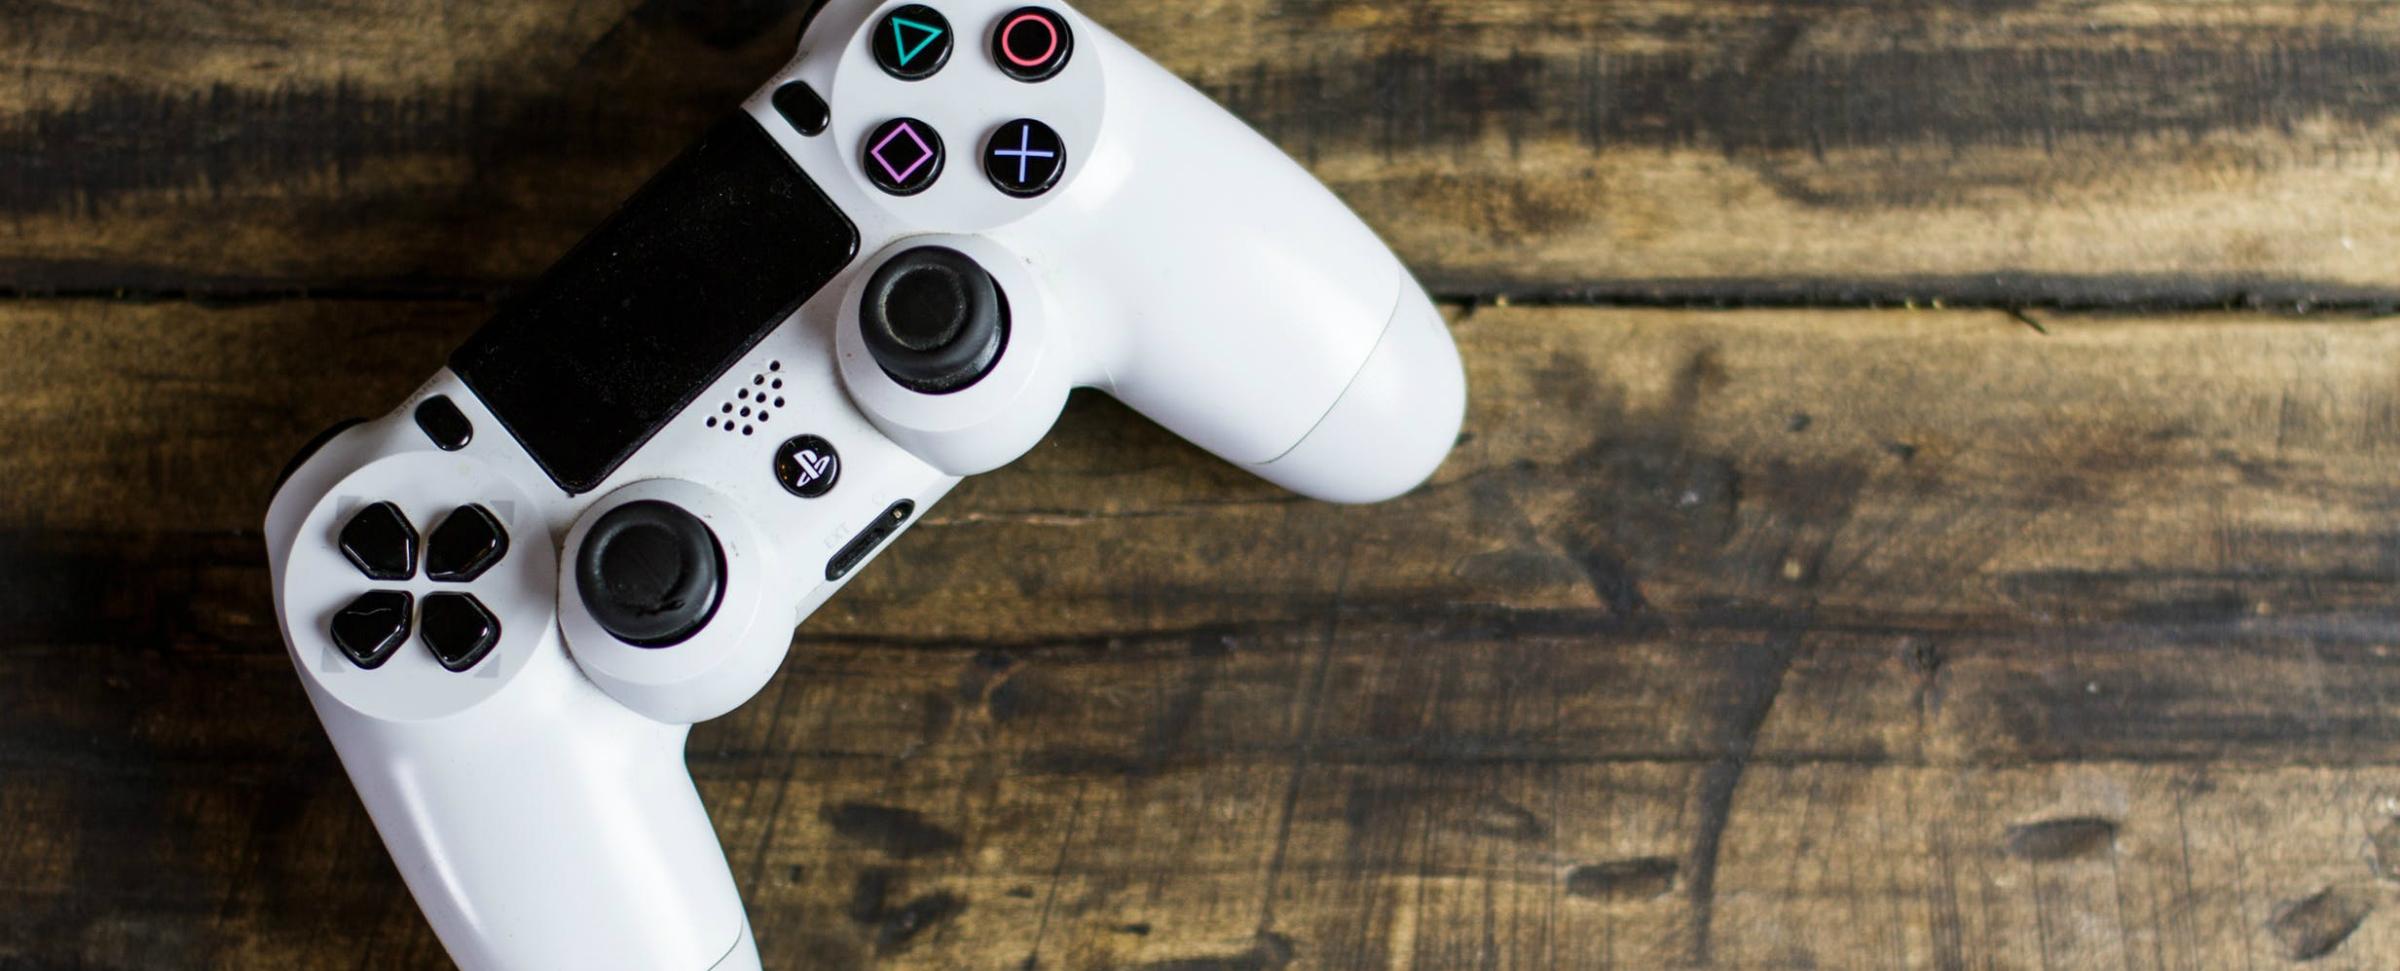 PlayStation 5 появится не раньше, чем через год playstation 5,ps,Игры,консоли